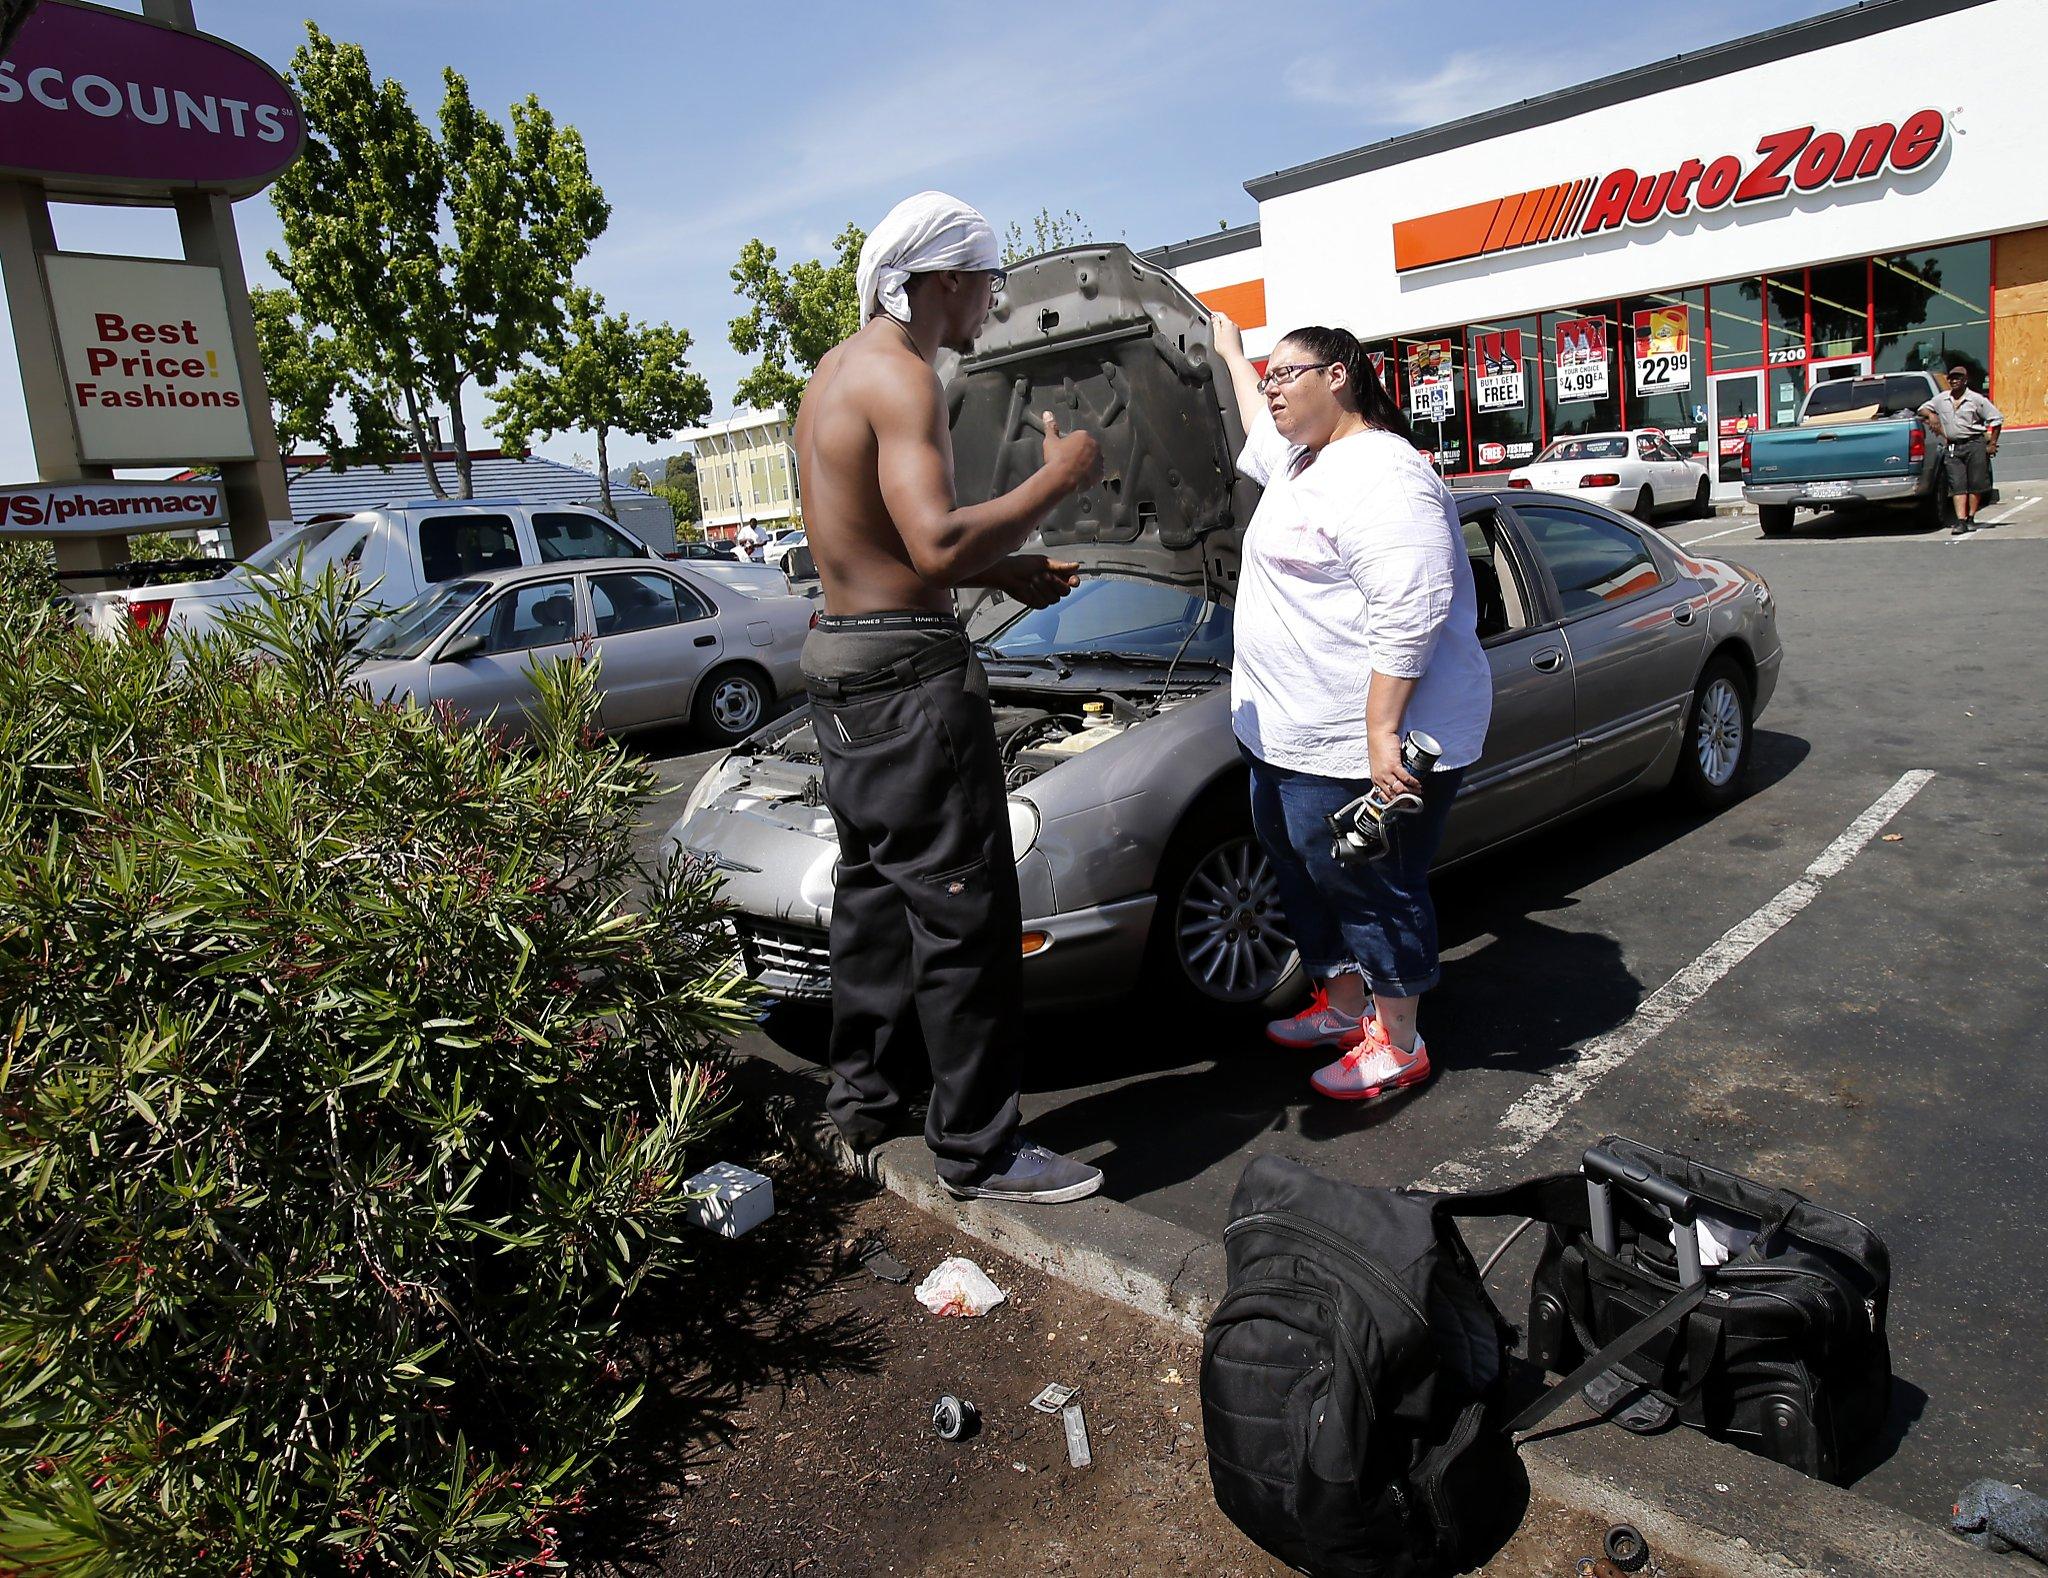 entrepreneur auto mechanics set up discount repair shop in retail parts store parking lot